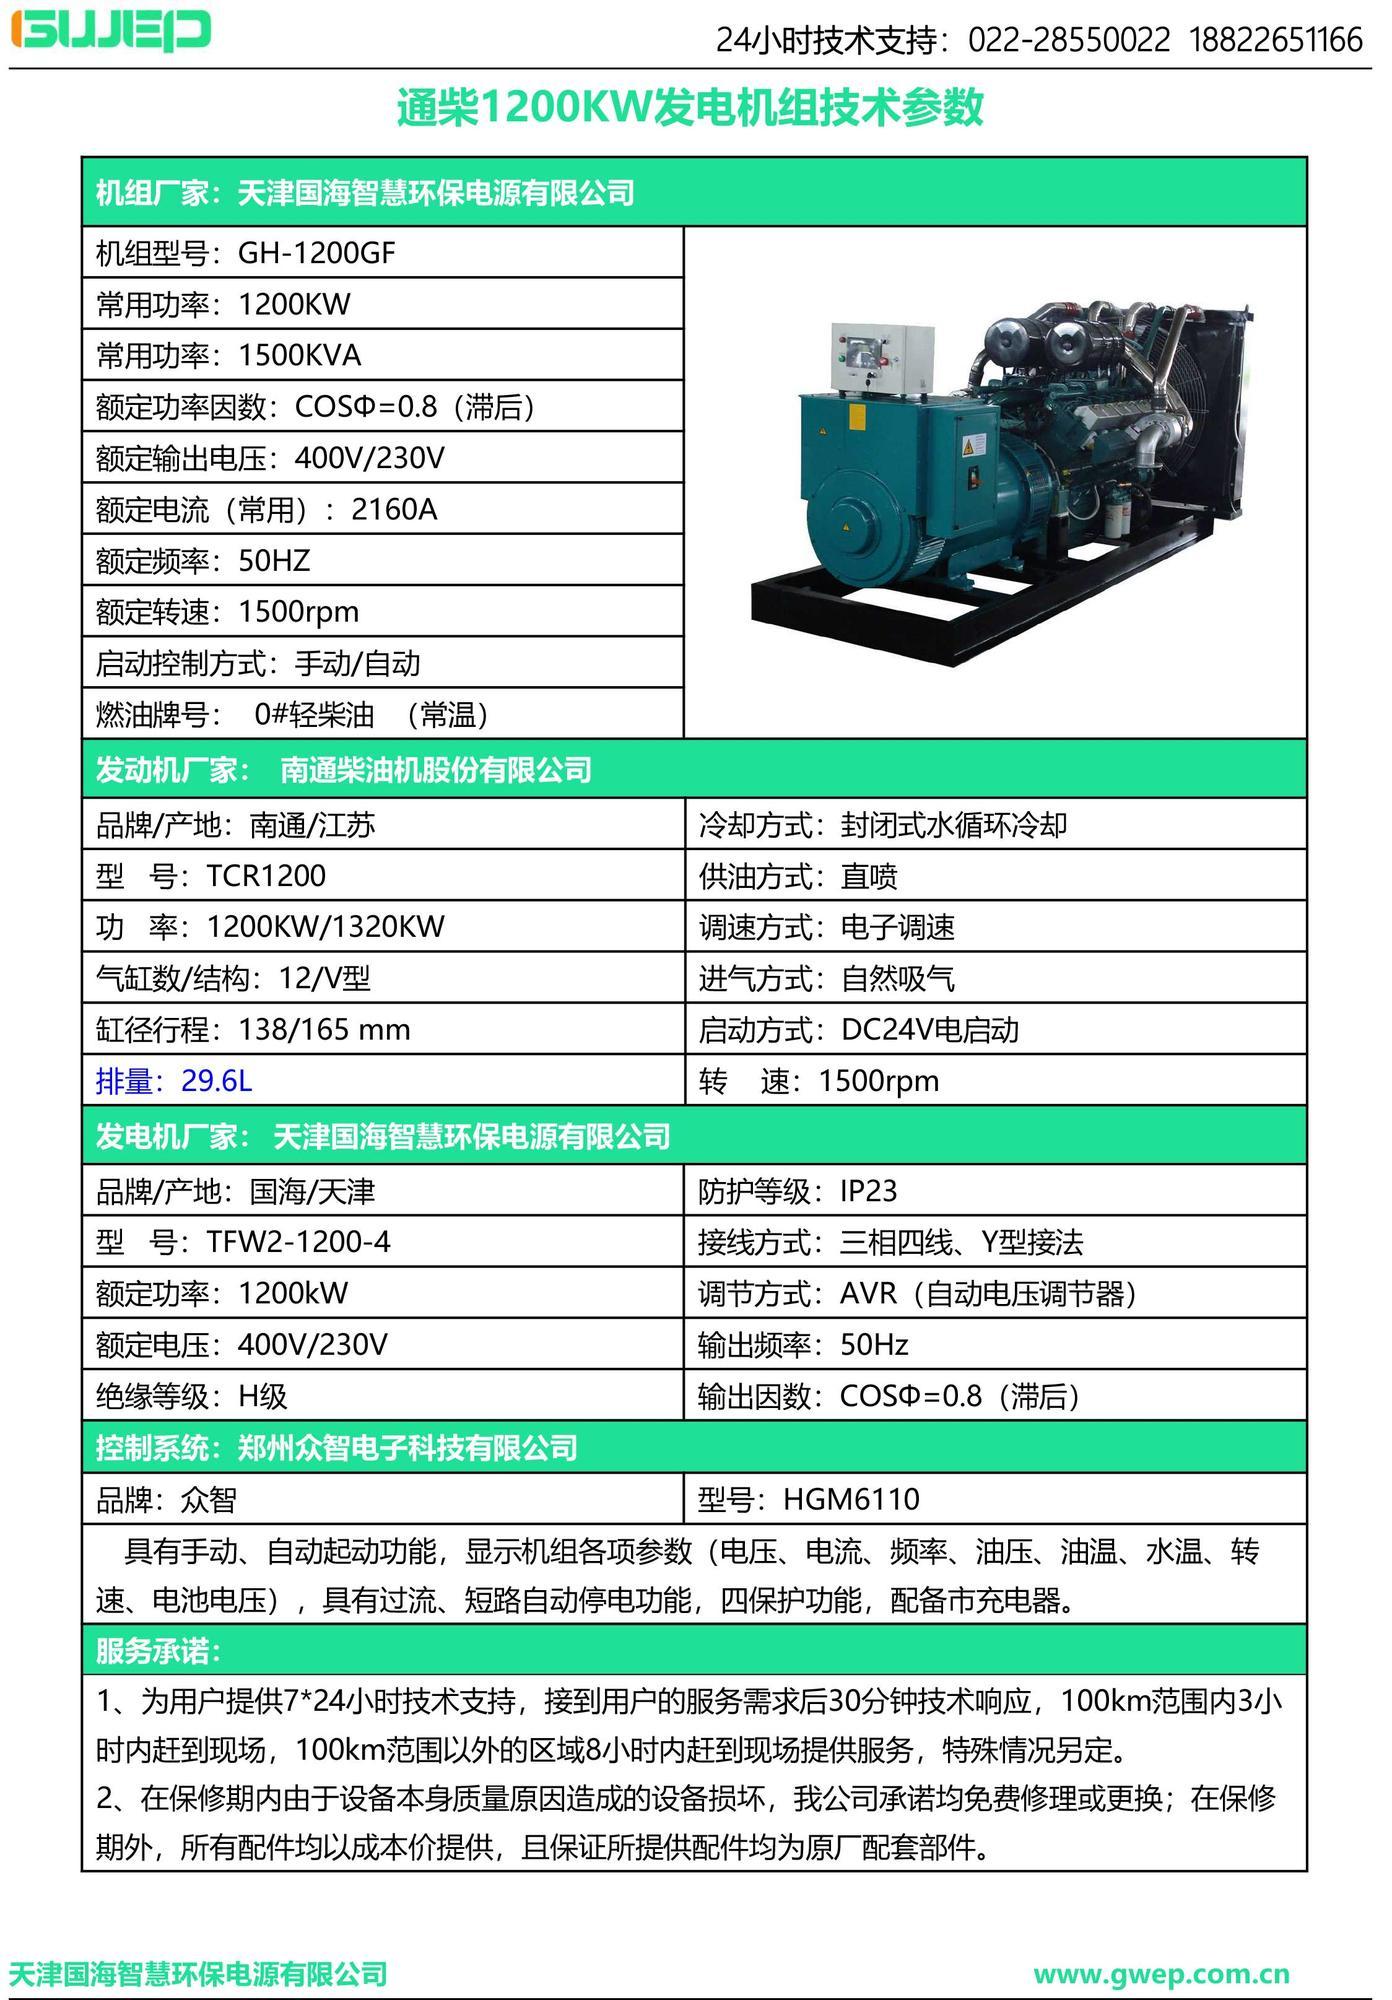 通柴1200KW发电机组技术资料-2.jpg